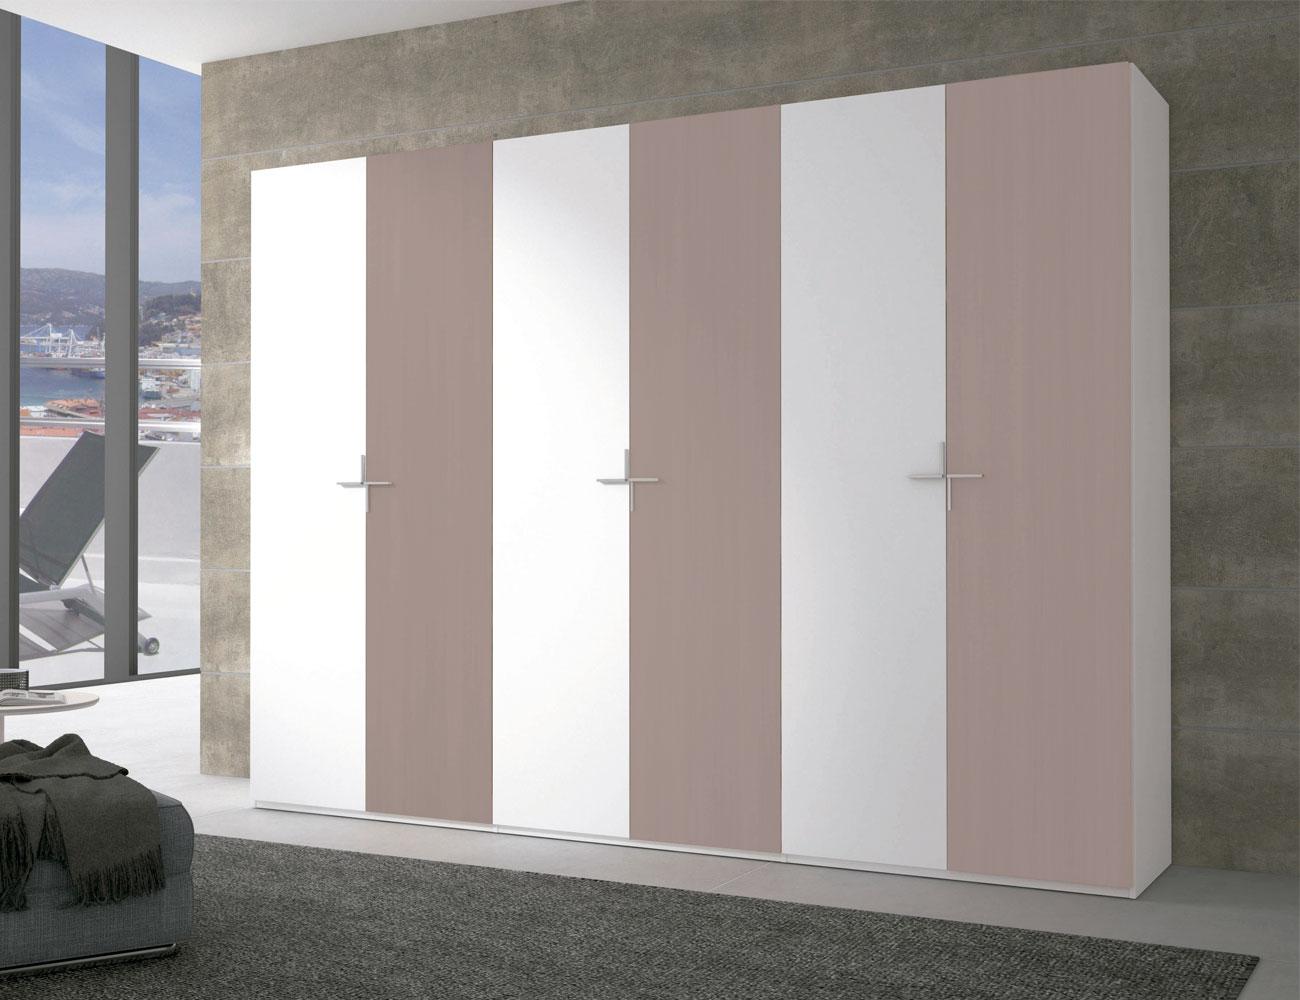 Armario puertas abatibles moka blanco2